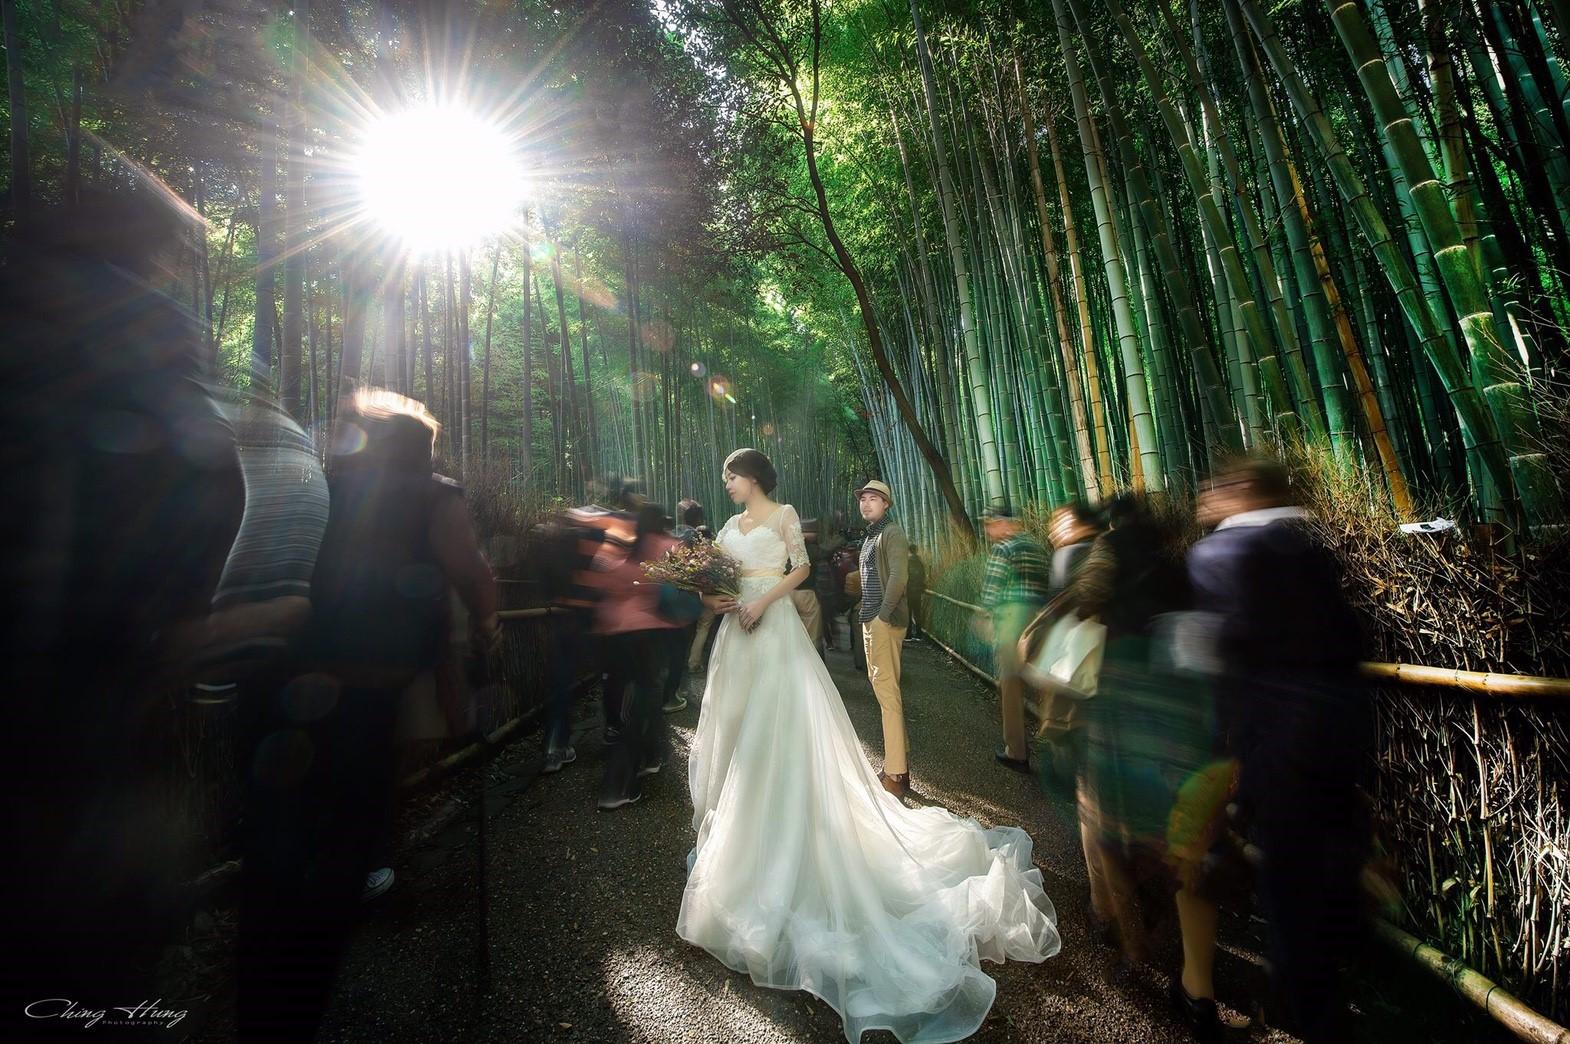 新娘秘書, 新娘造型, 韓系, 鮮花造型, 光澤肌, 歐美, 清新自然, 時尚, 日本婚紗造型